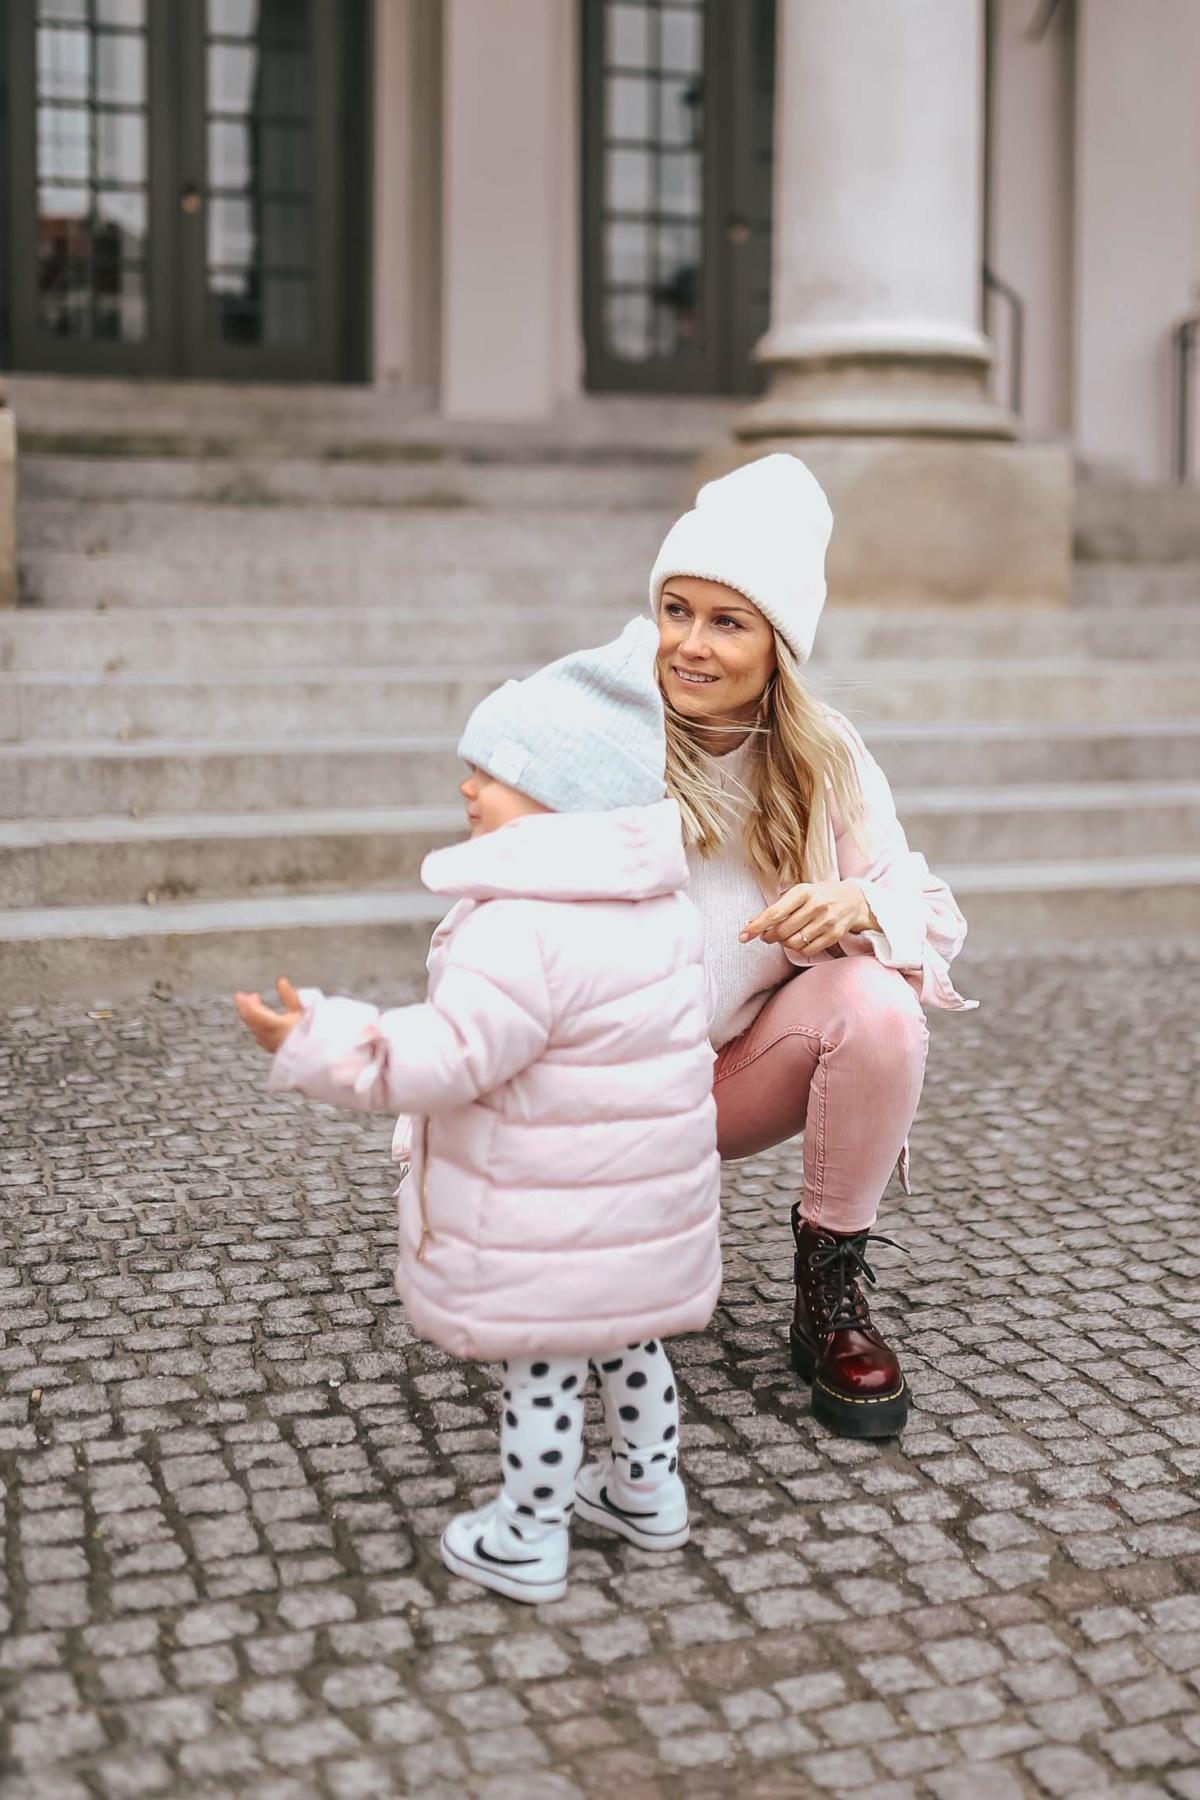 stylingliebe-lifestyleblogger-mamablog-familienblog-muenchen-lifestyleblog-blogger-deutschland-mamablogger-von-mama-klischees-und-anderen-vorurteilen-3